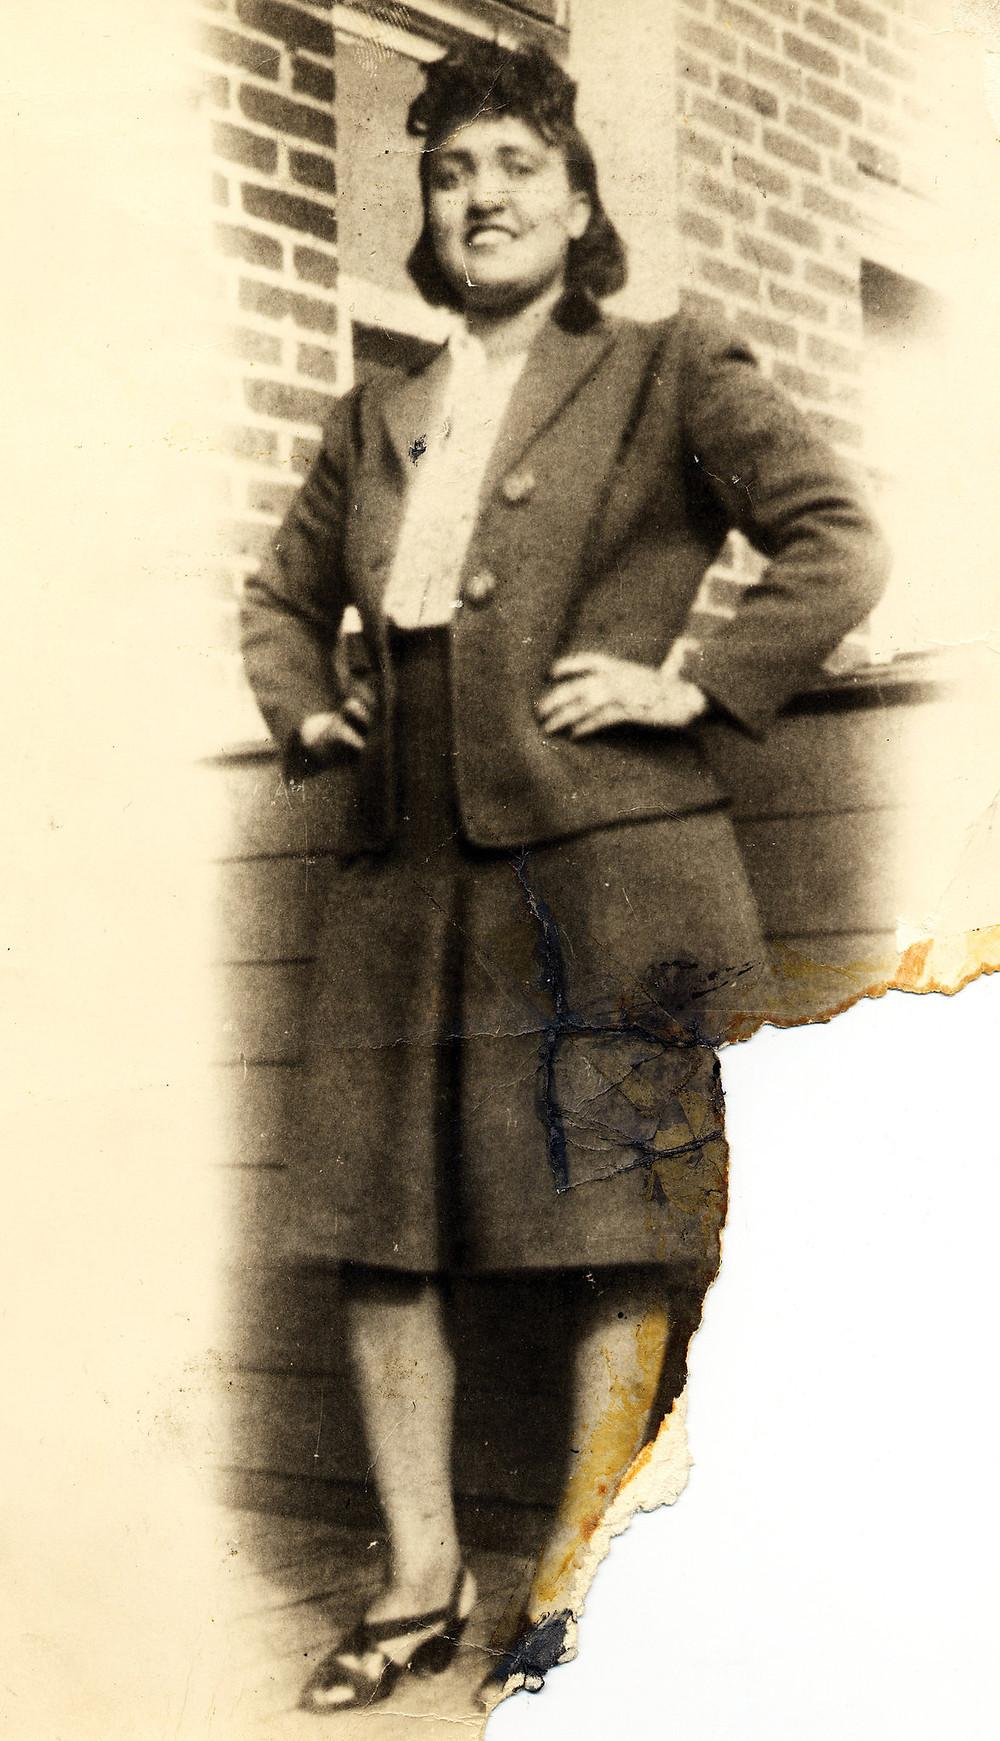 scienza etica ricerca genoma dignità persona biografia libro Henrietta Lacks - Nina Ferrari - Il Tuo Biografo